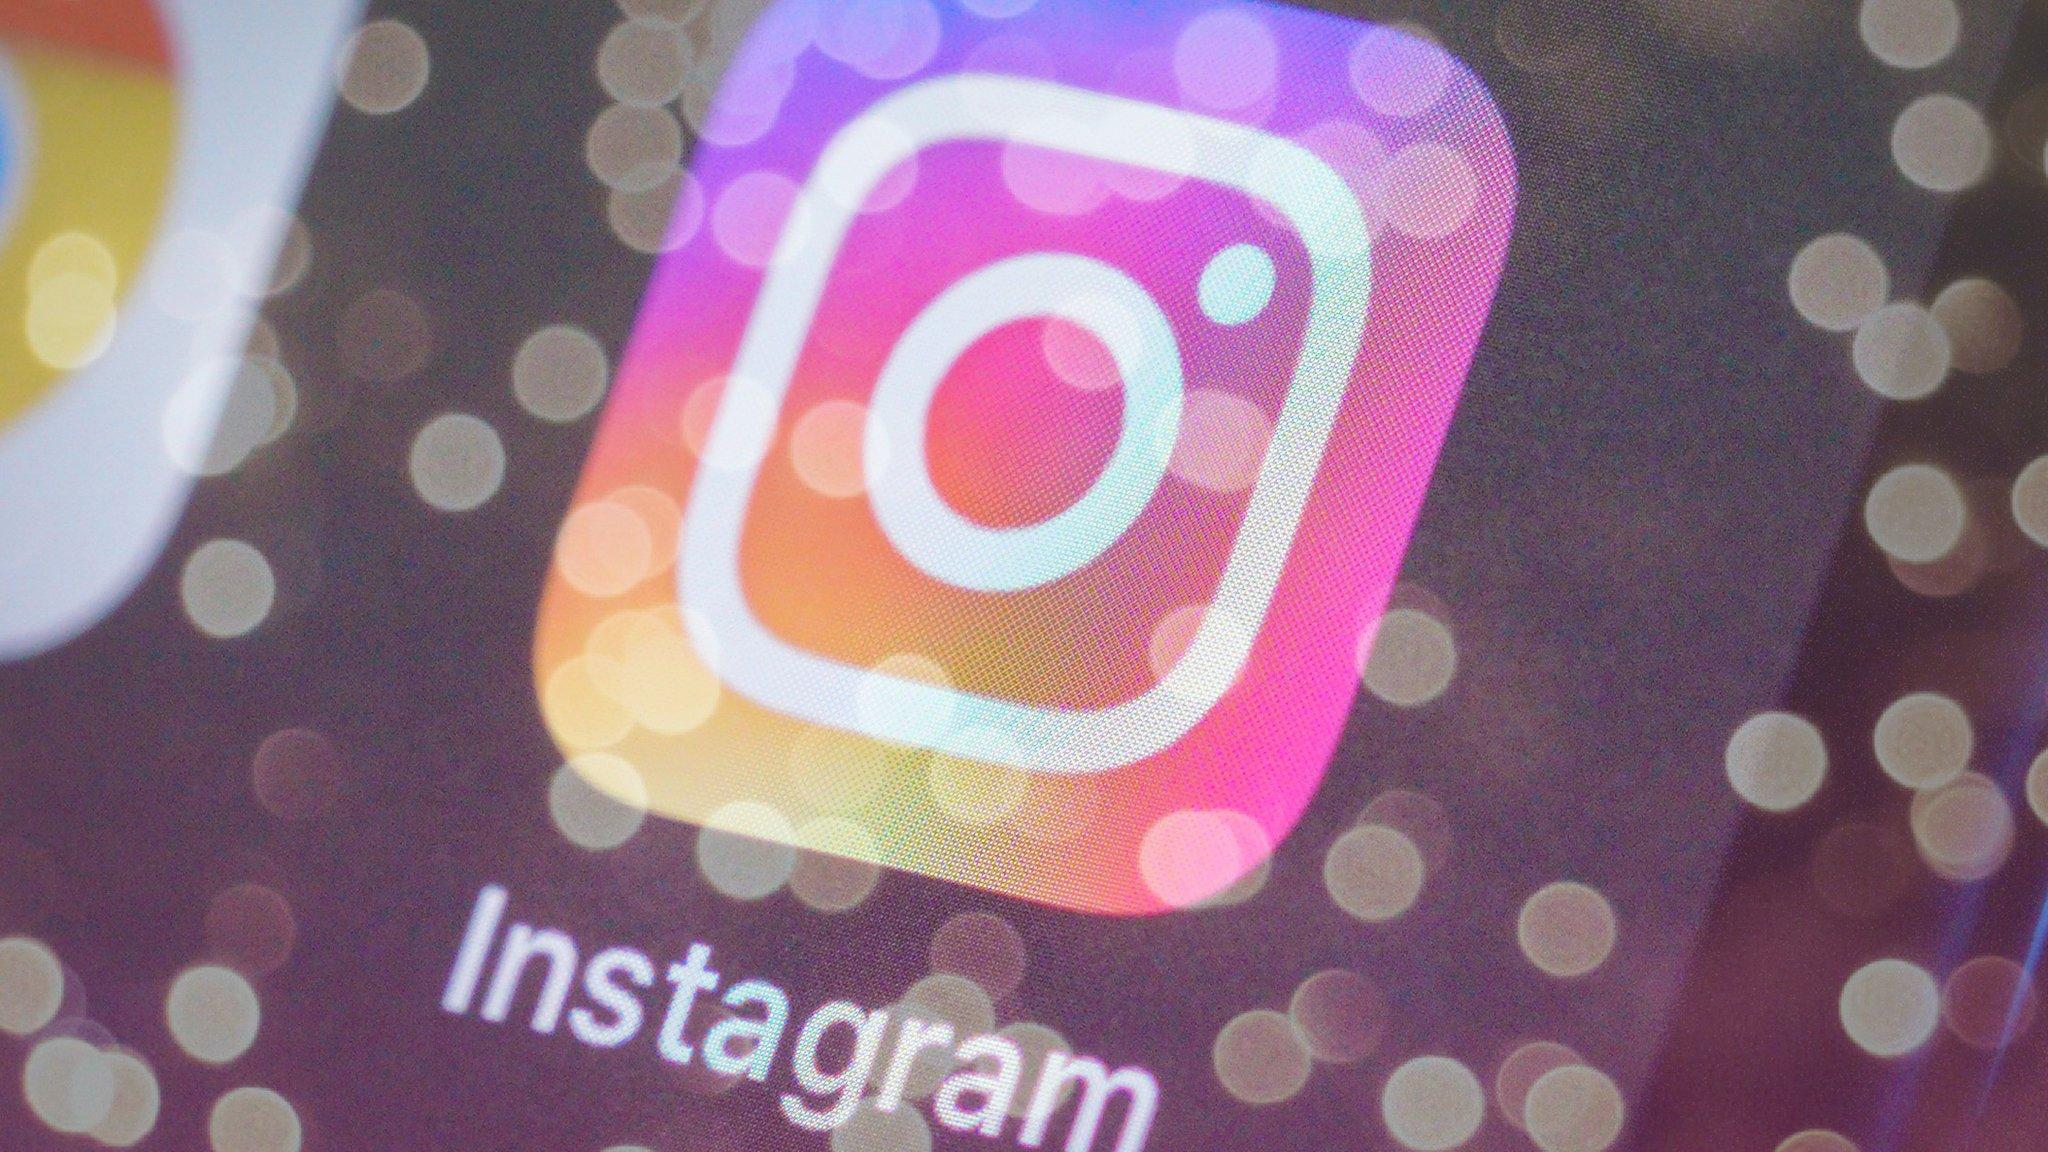 Come cambiare l'icona di Instagram e festeggiare il 10° anniversario